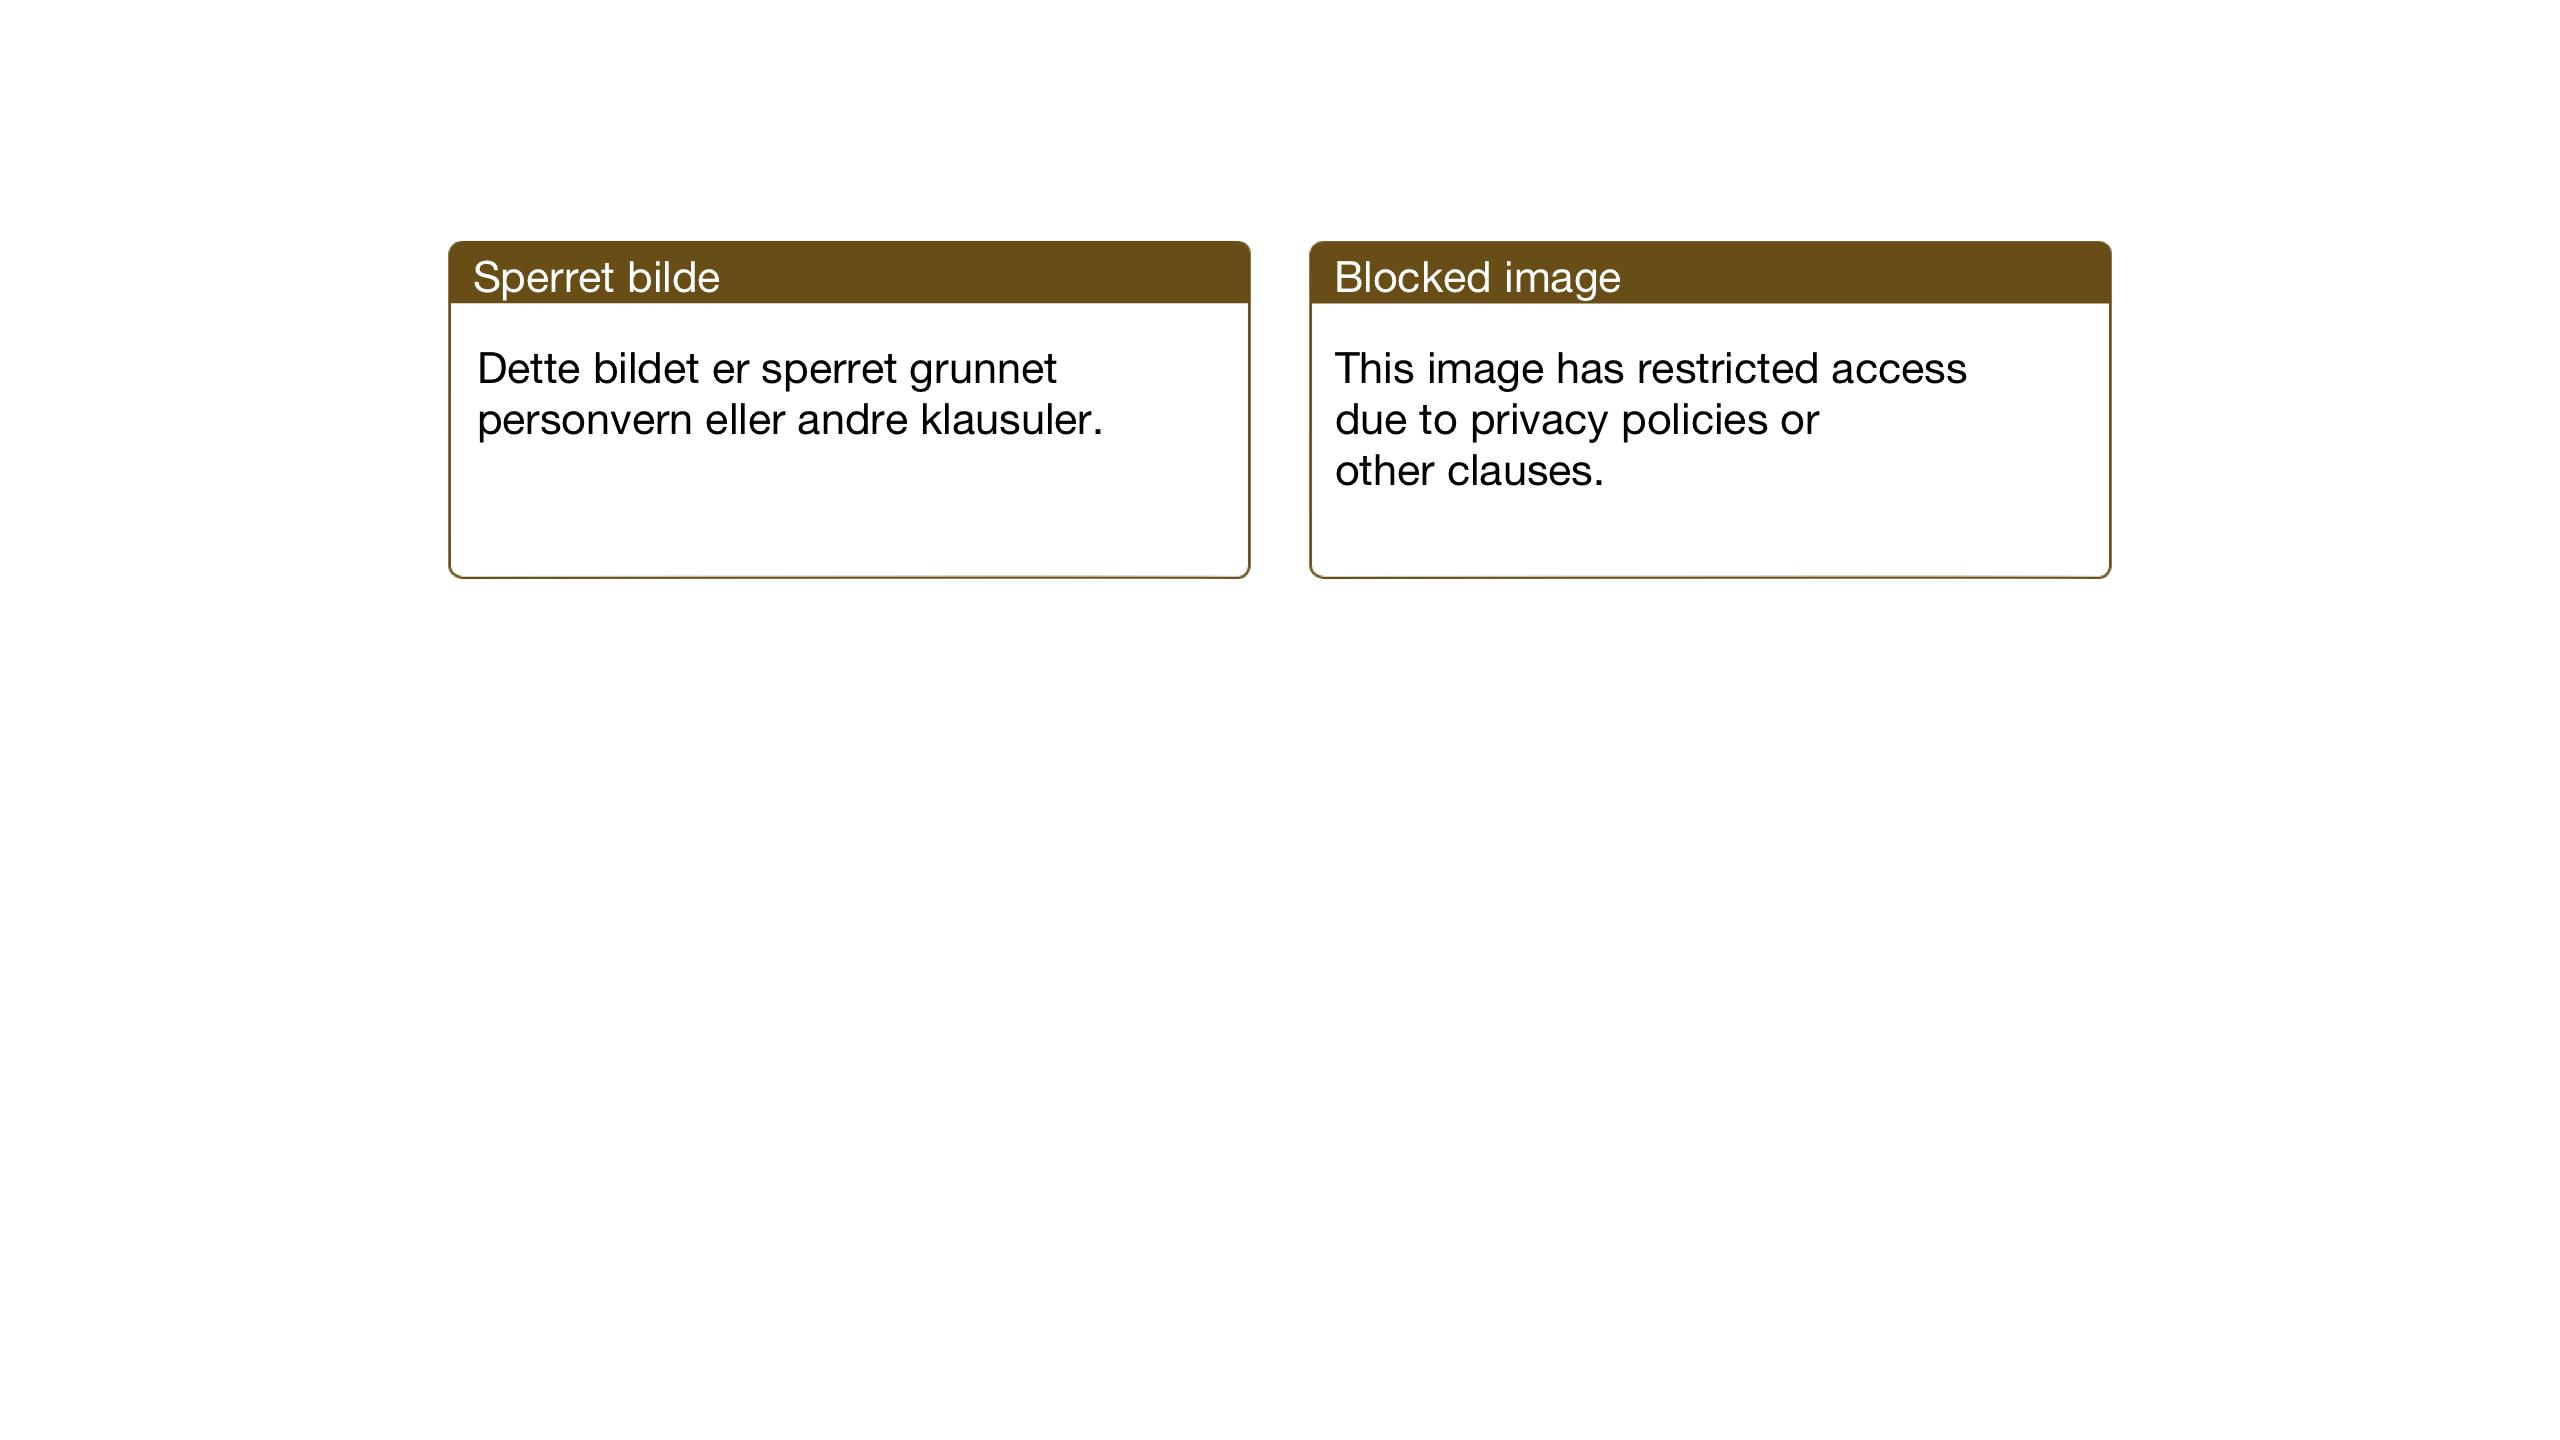 SAT, Ministerialprotokoller, klokkerbøker og fødselsregistre - Nord-Trøndelag, 749/L0481: Klokkerbok nr. 749C03, 1933-1945, s. 4